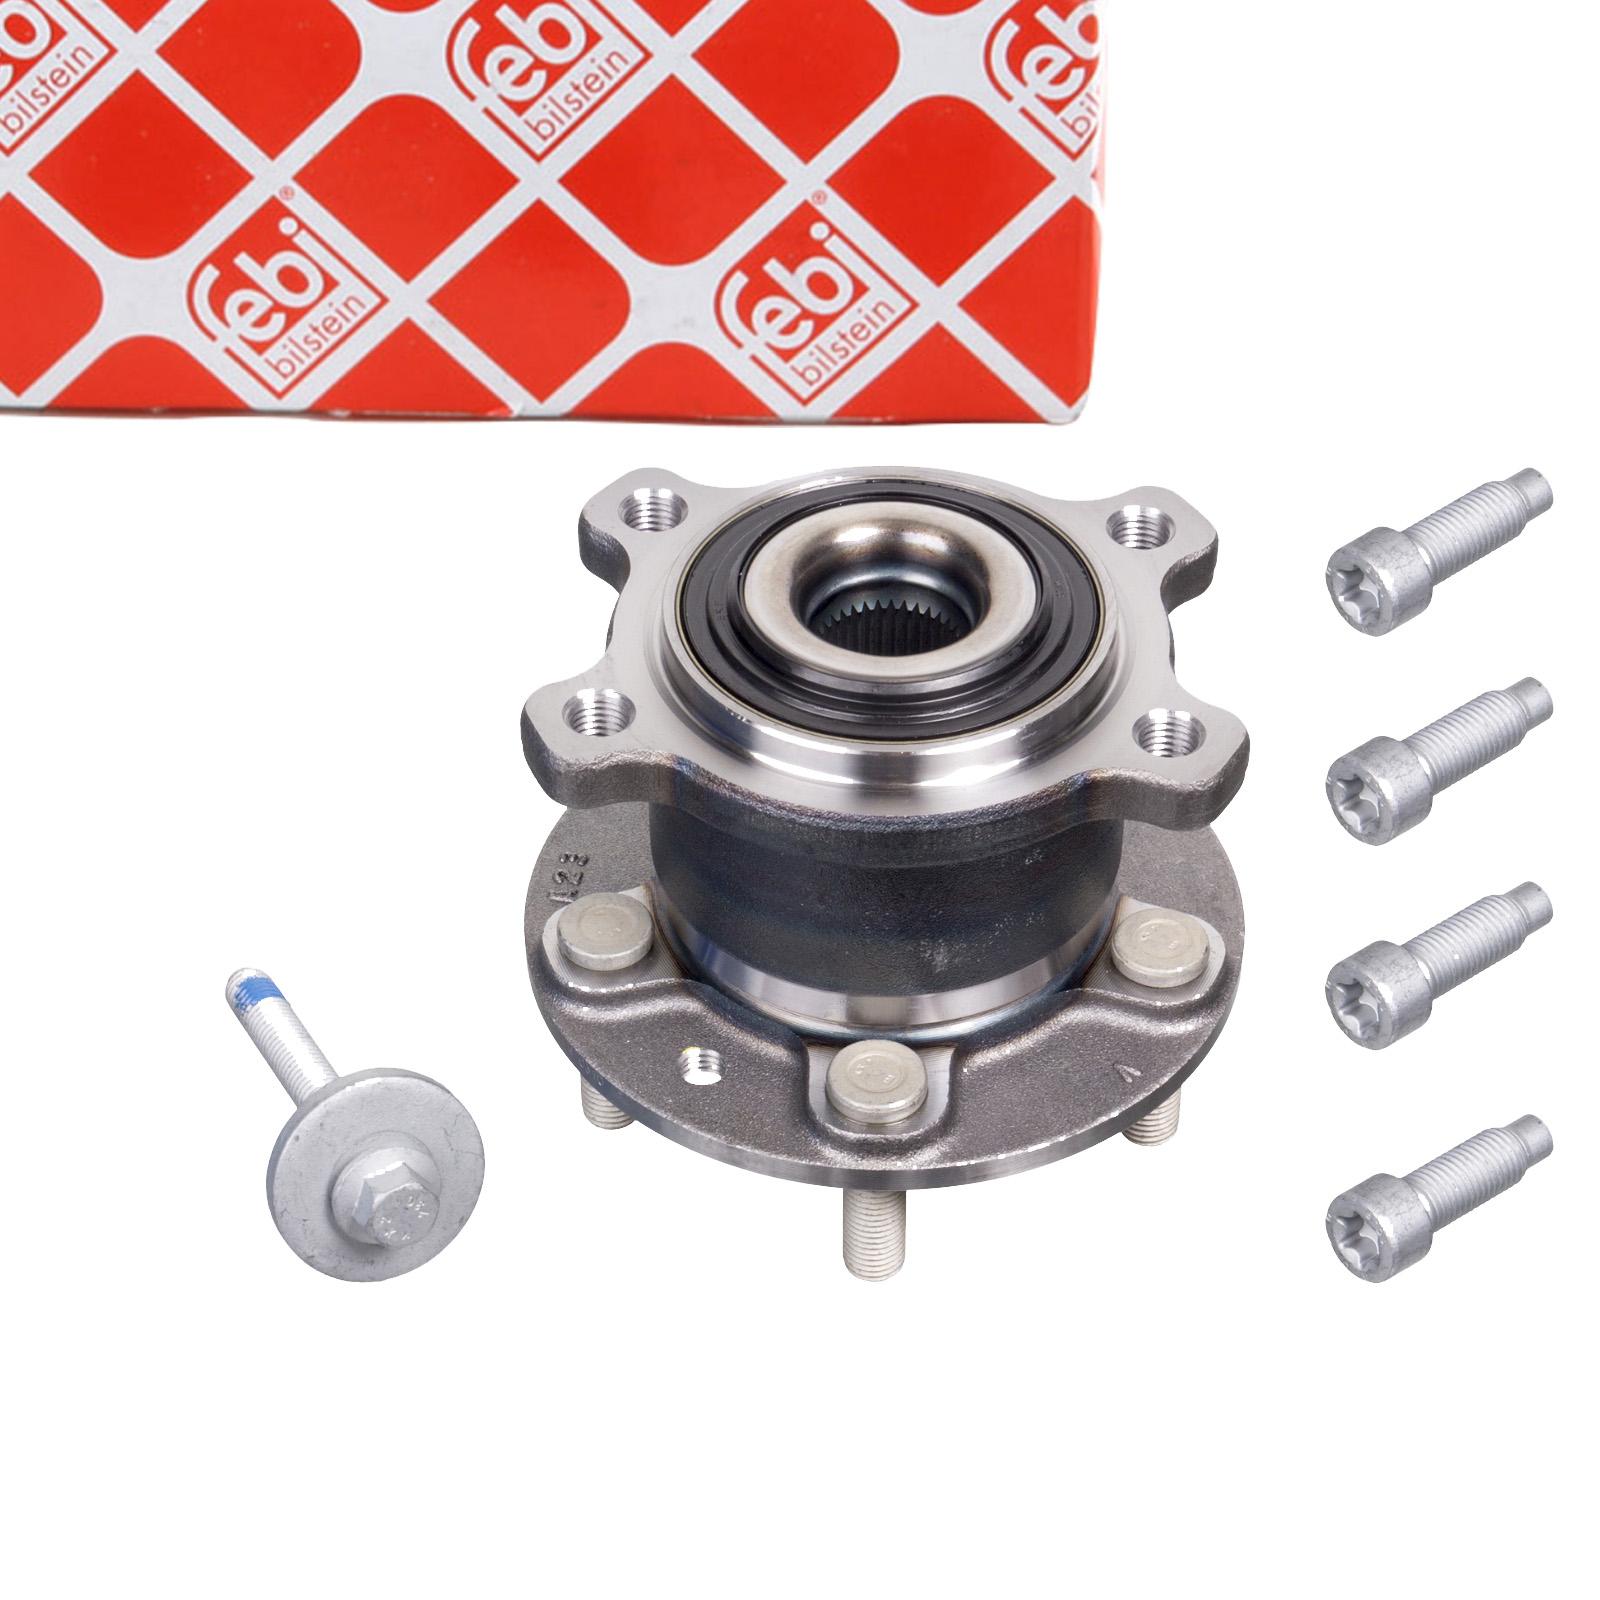 FEBI 102268 Radlagersatz Radnabe Radlager FORD Kuga 1 2.5 4x4 / 2.0TDCi 4x4 hinten 1538604